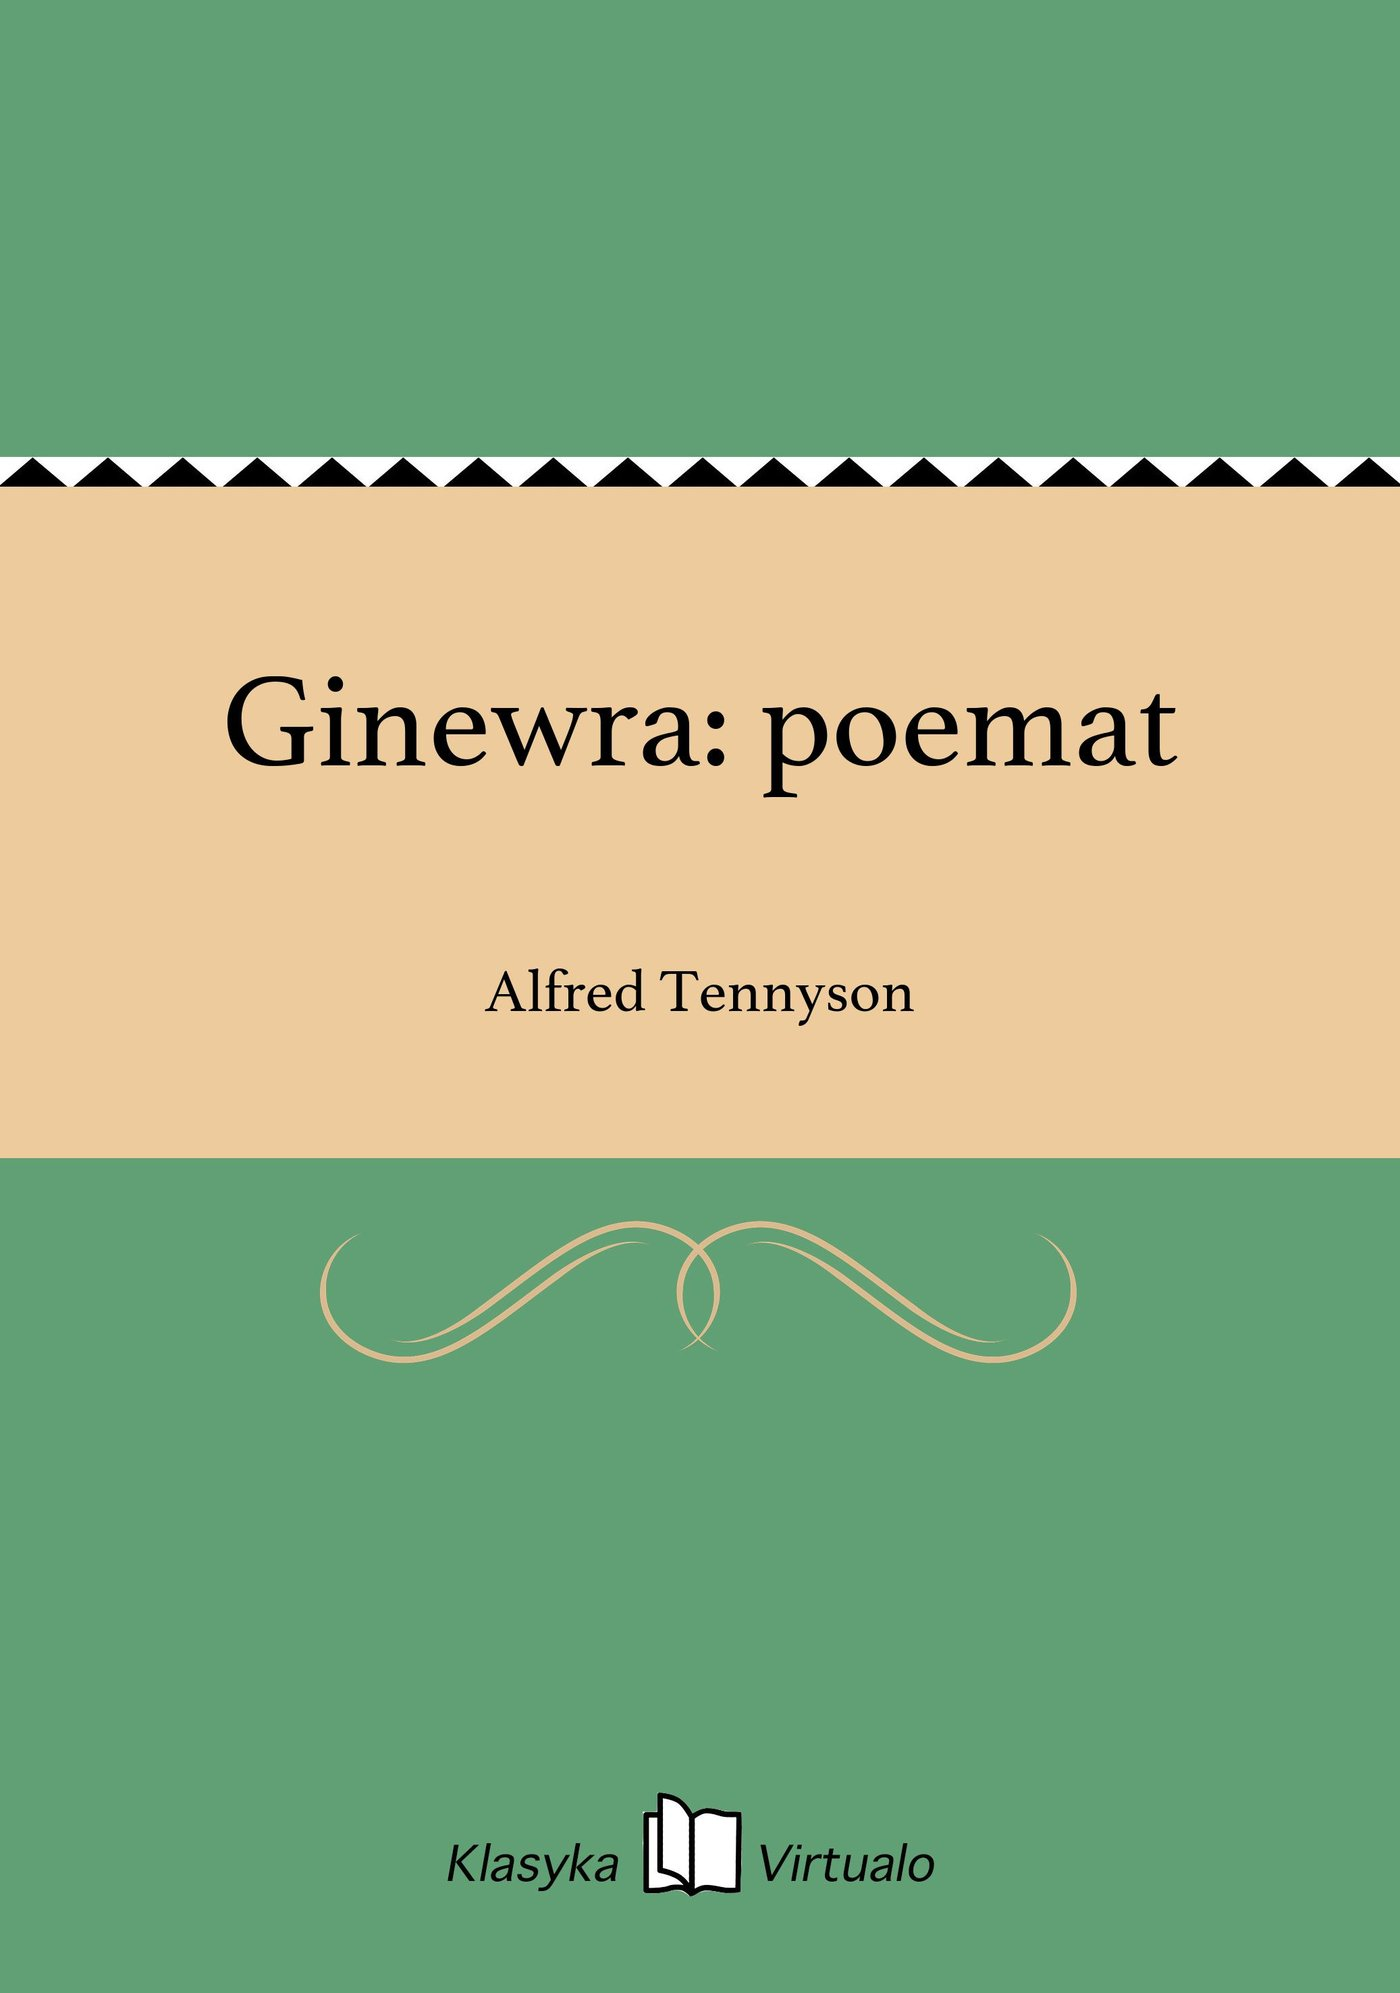 Ginewra: poemat - Ebook (Książka EPUB) do pobrania w formacie EPUB